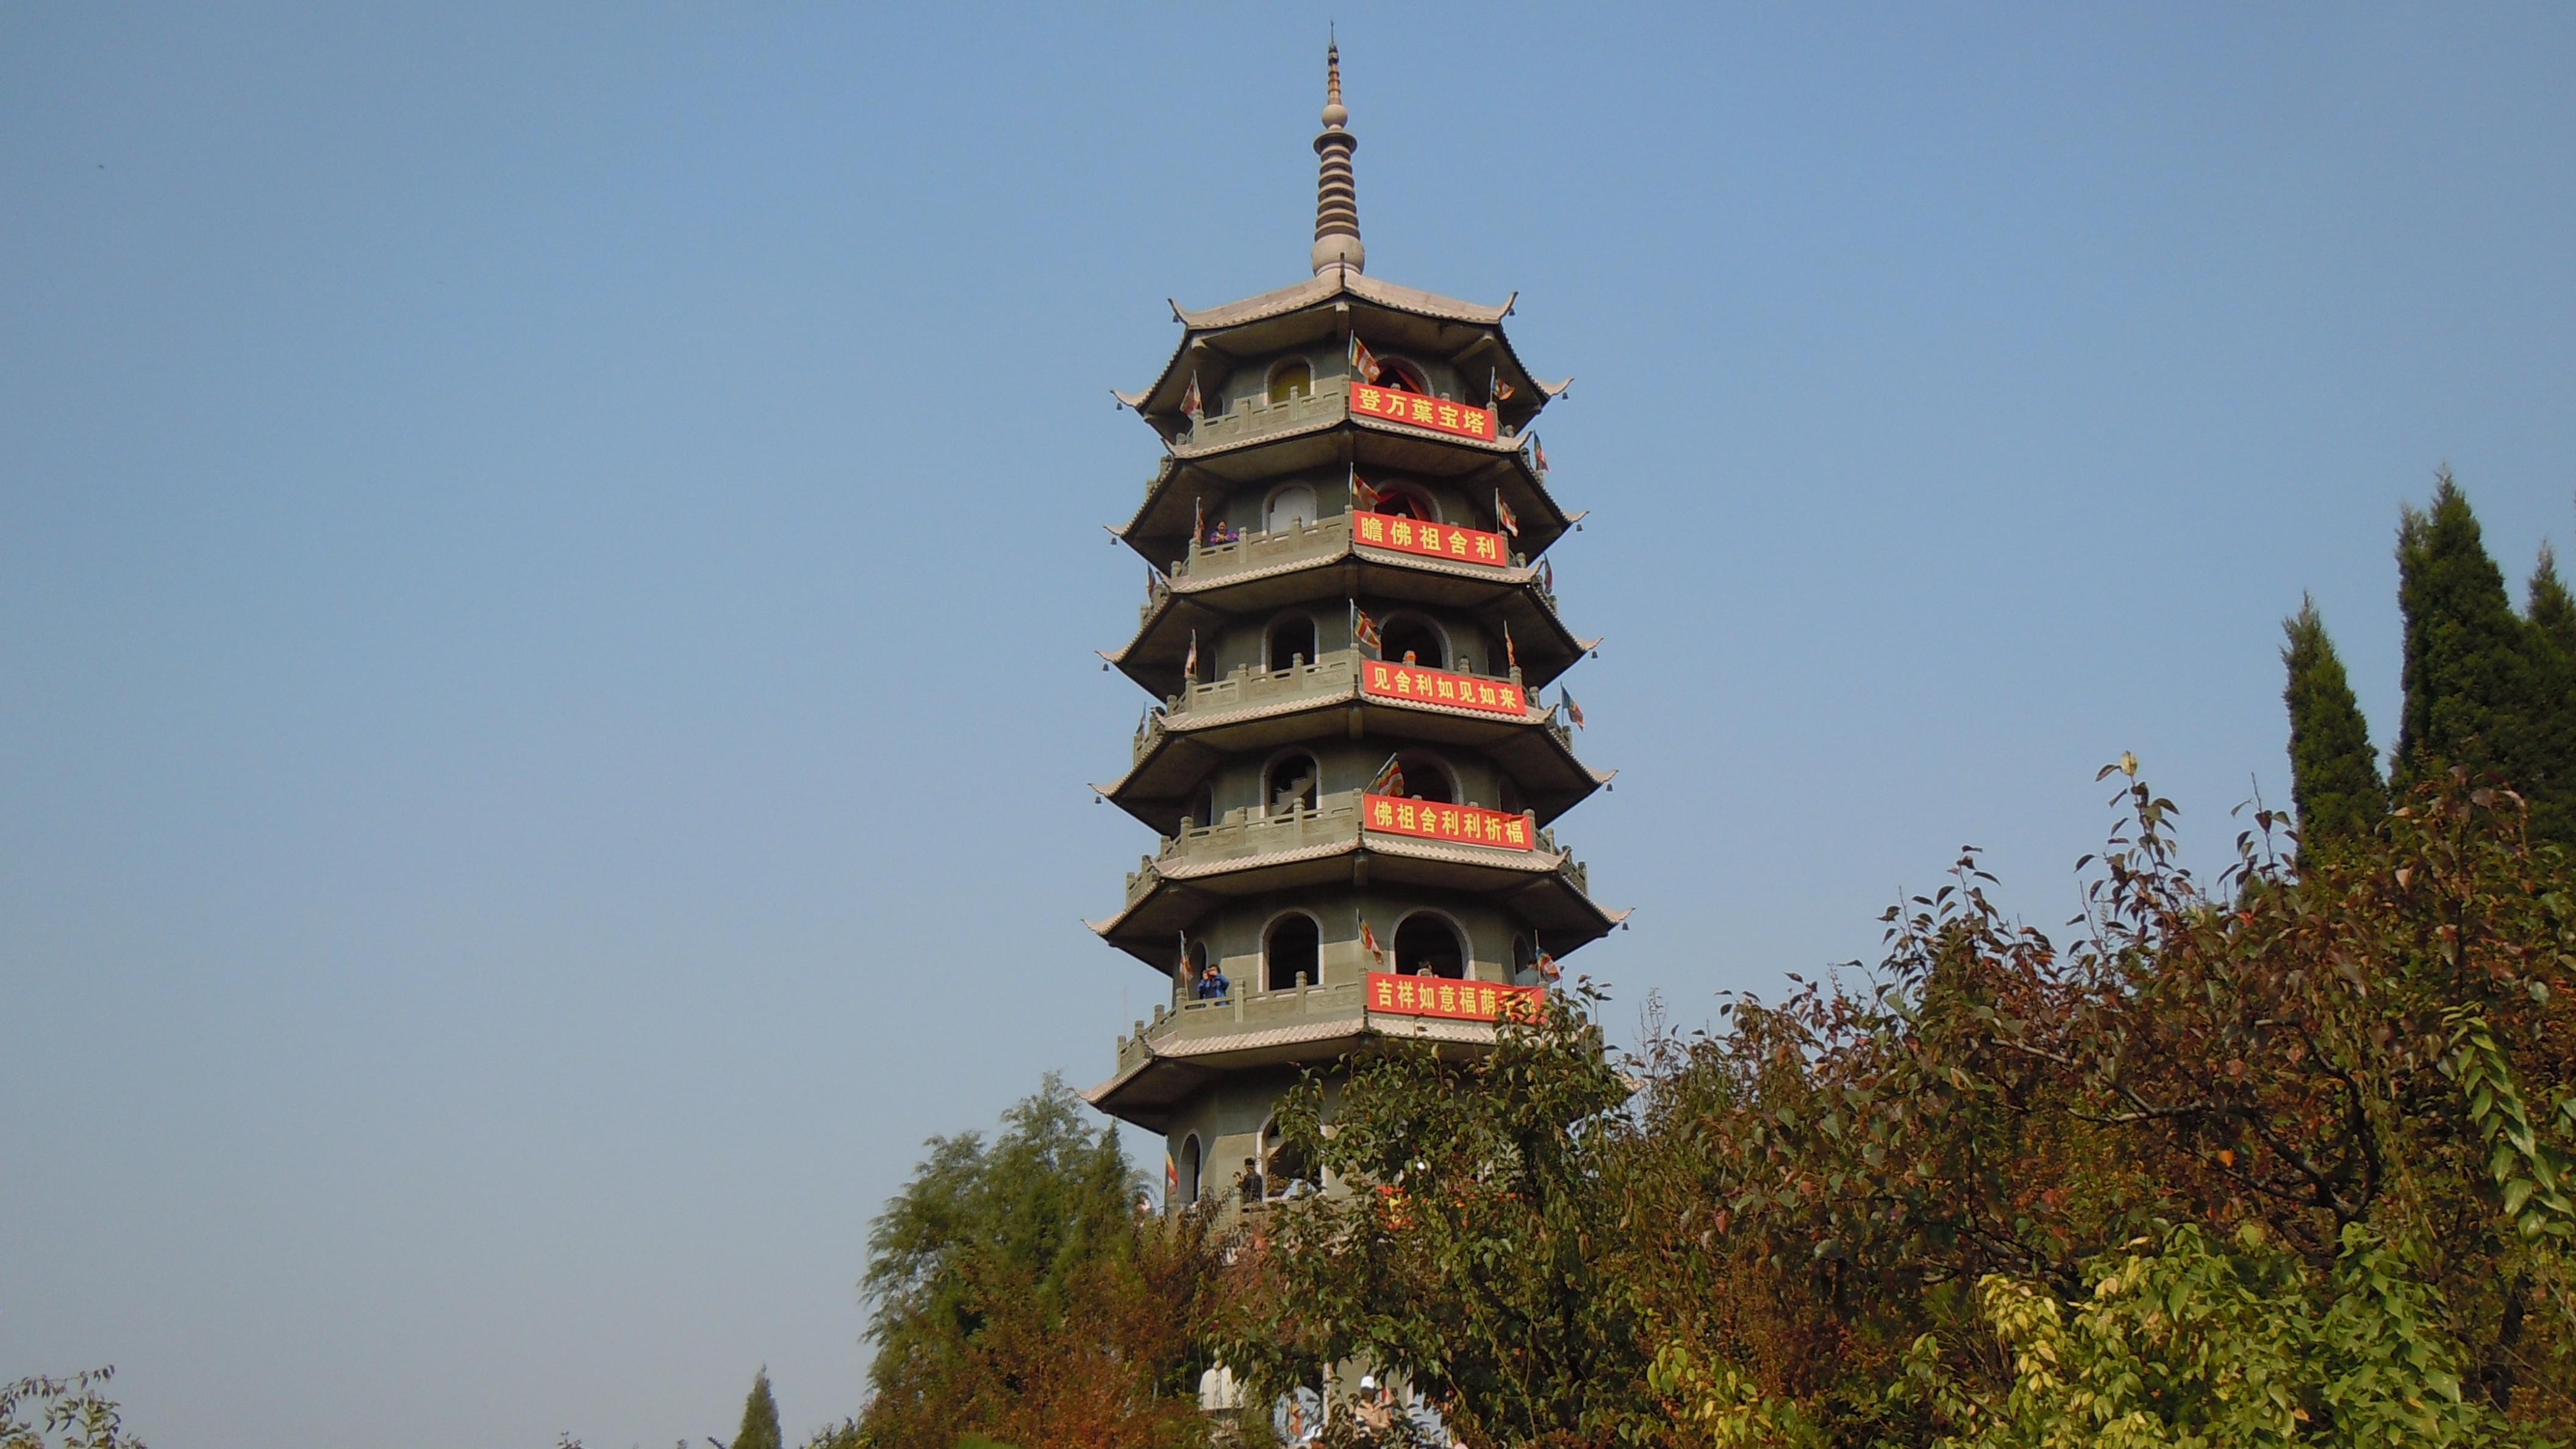 塔-济南红叶谷图片